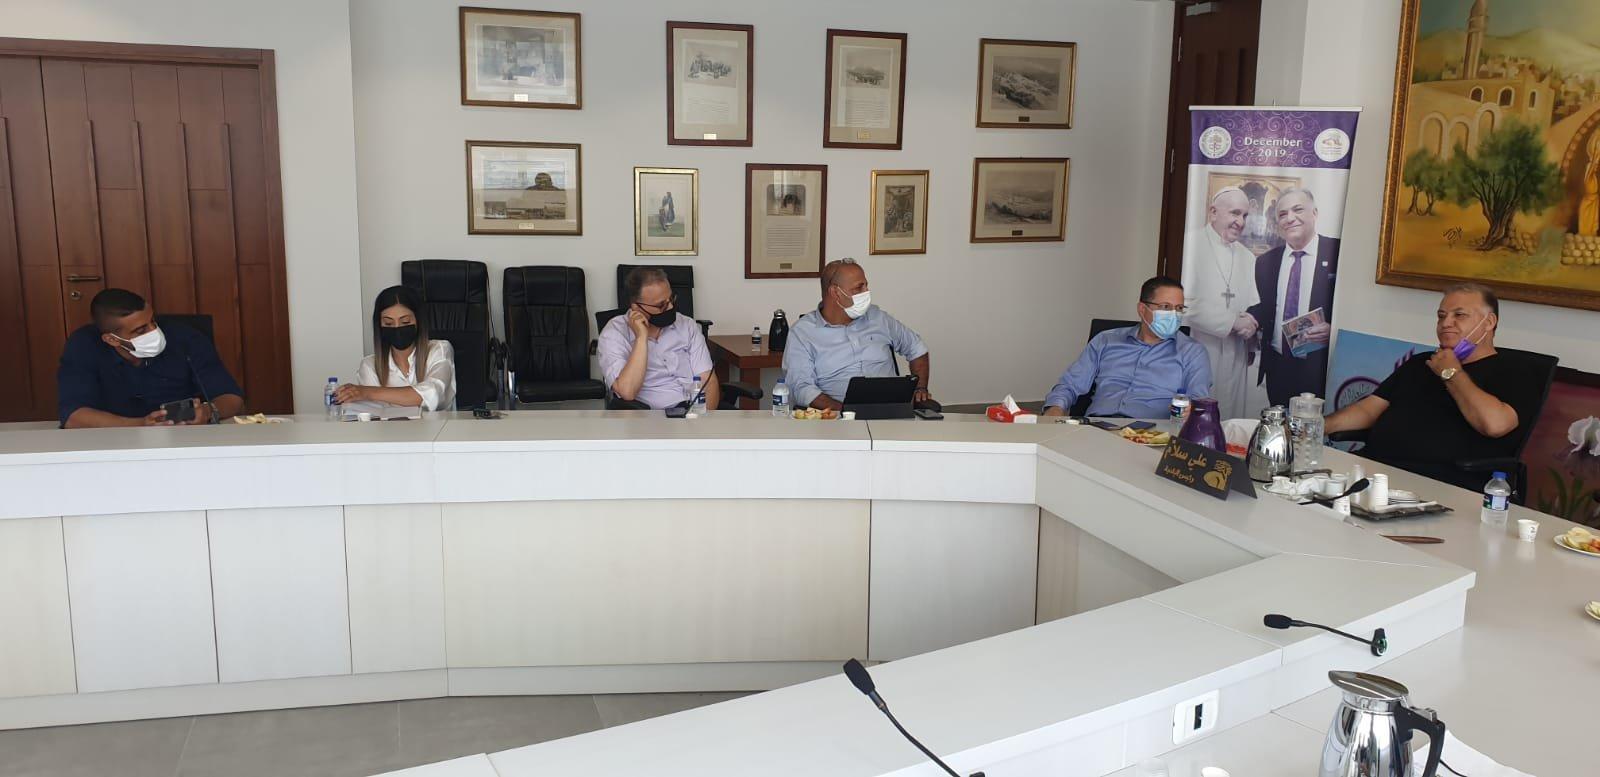 انطلاق مشروع المدارس الآمنة من الكورونا في الناصرة-6